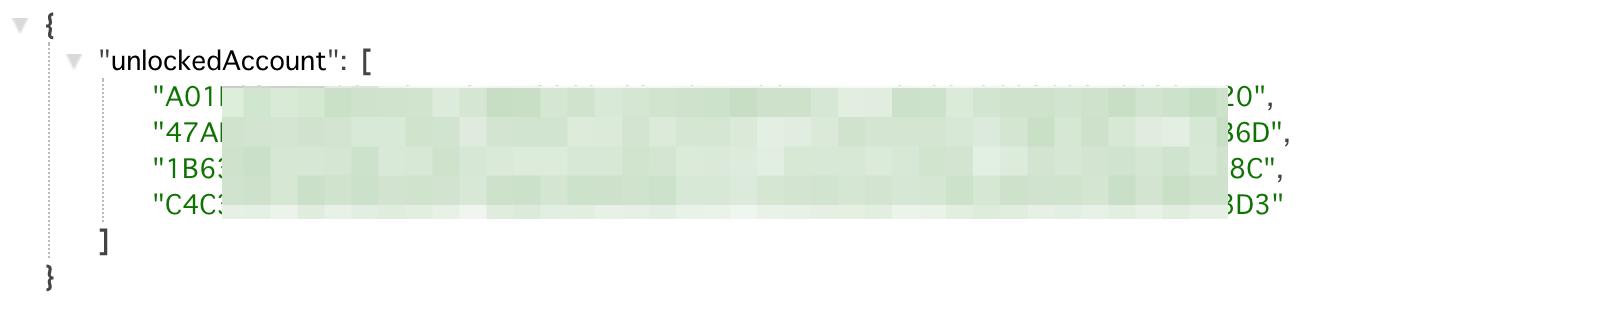 スクリーンショット_2021-03-22_15_03_11-2.png